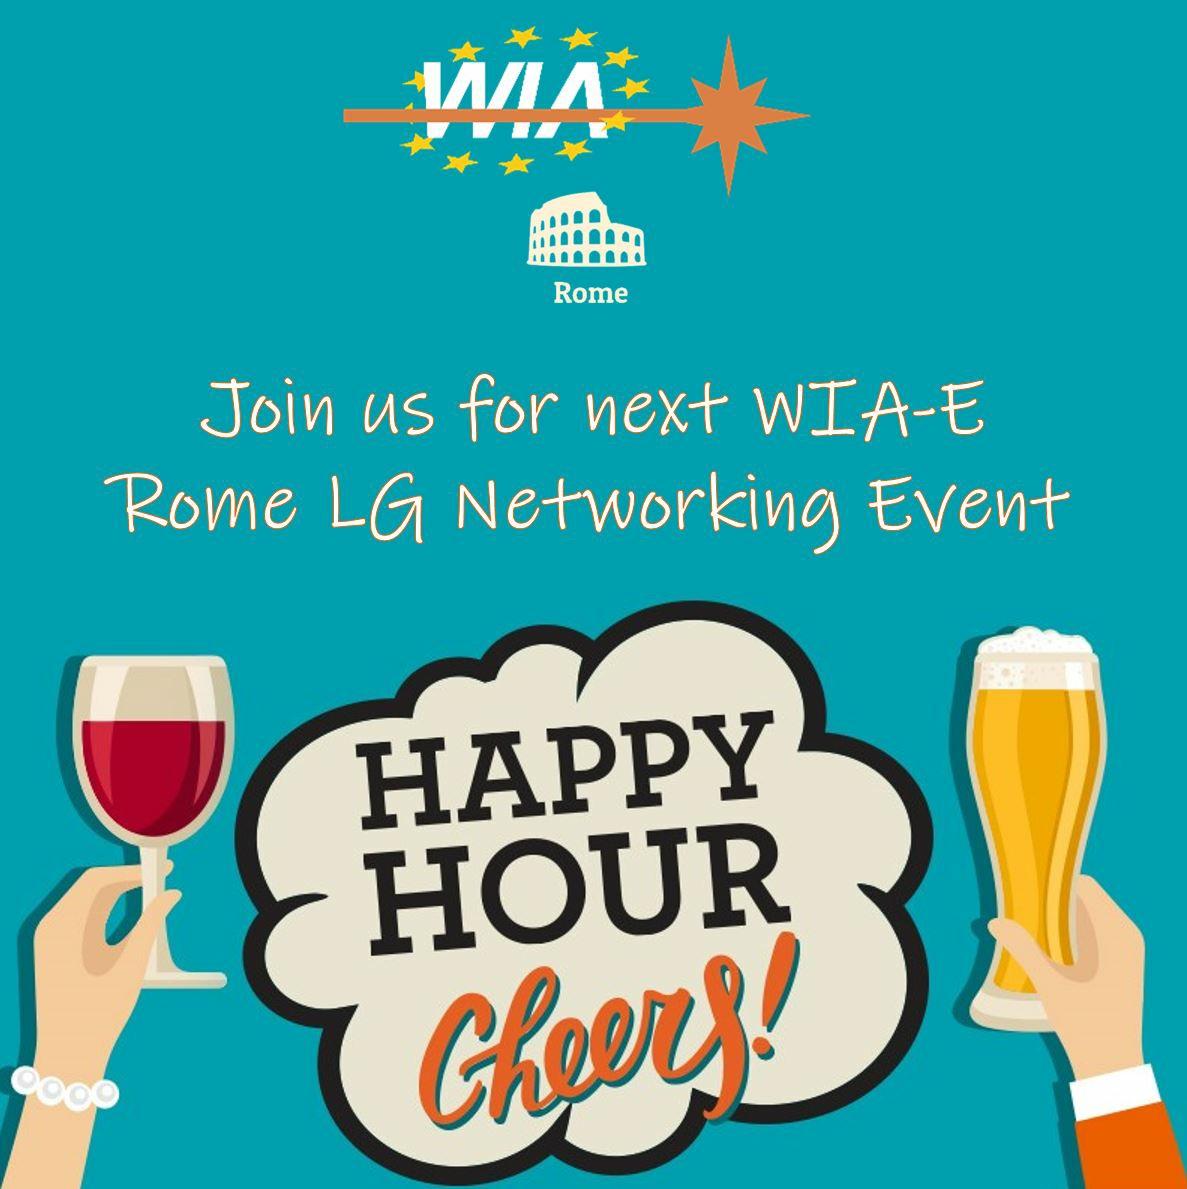 WIA-E Rome invites to Networking happy hour event